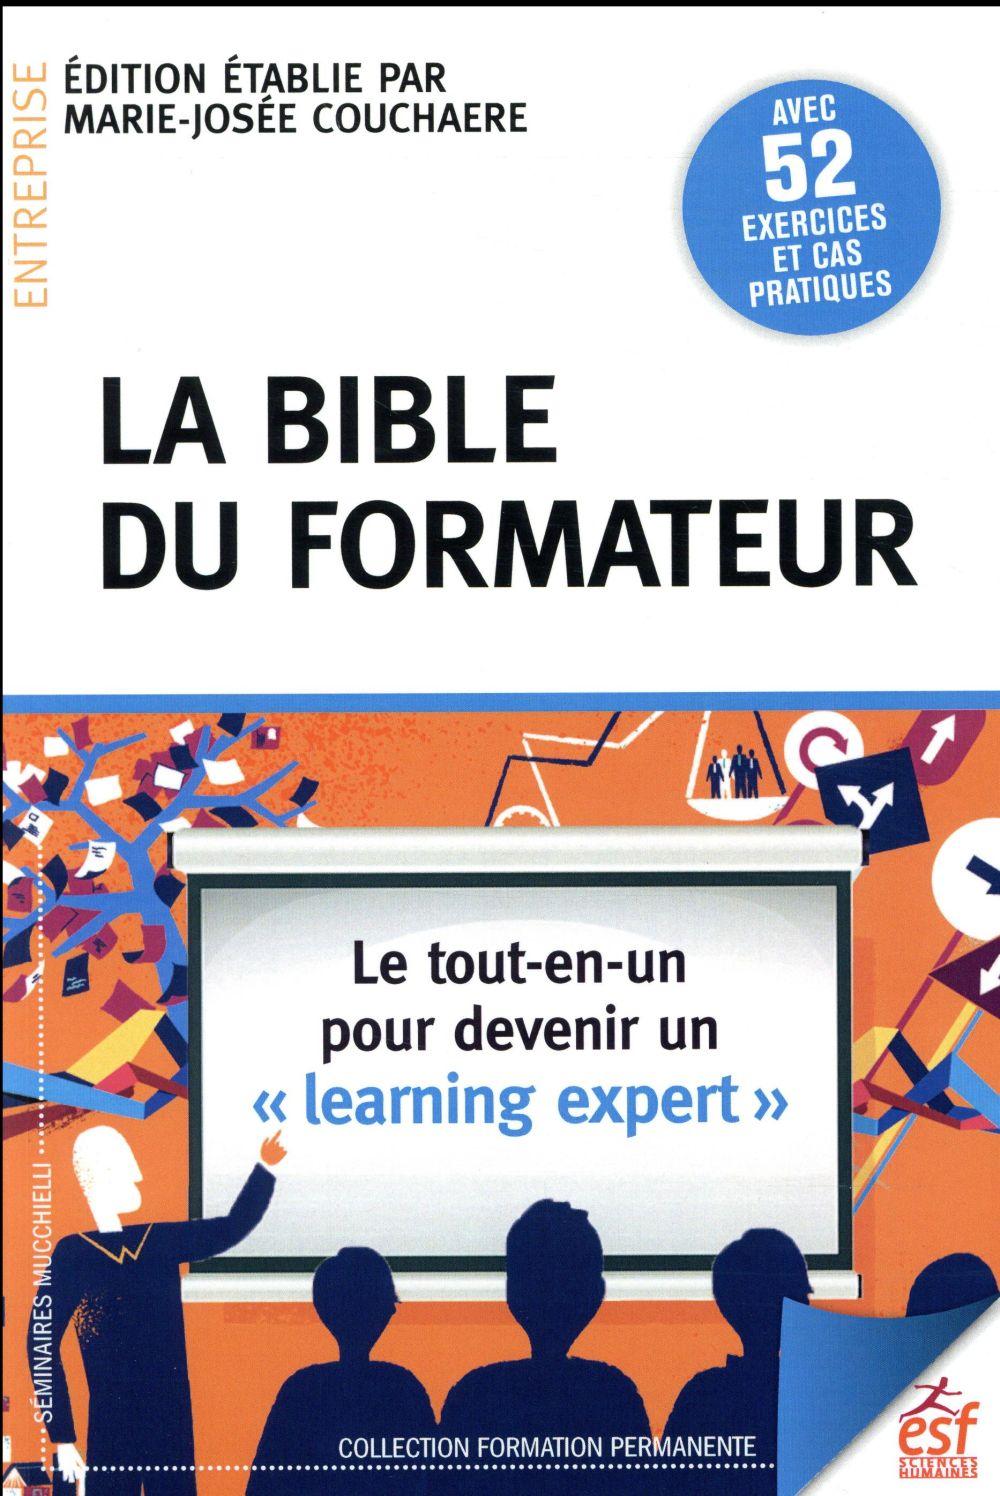 LA BIBLE DU FORMATEUR - LE TOUT-EN-UN POUR DEVENIR UN LEARNING-EXPERT COUCHAERE MARIE-JOSE ESF